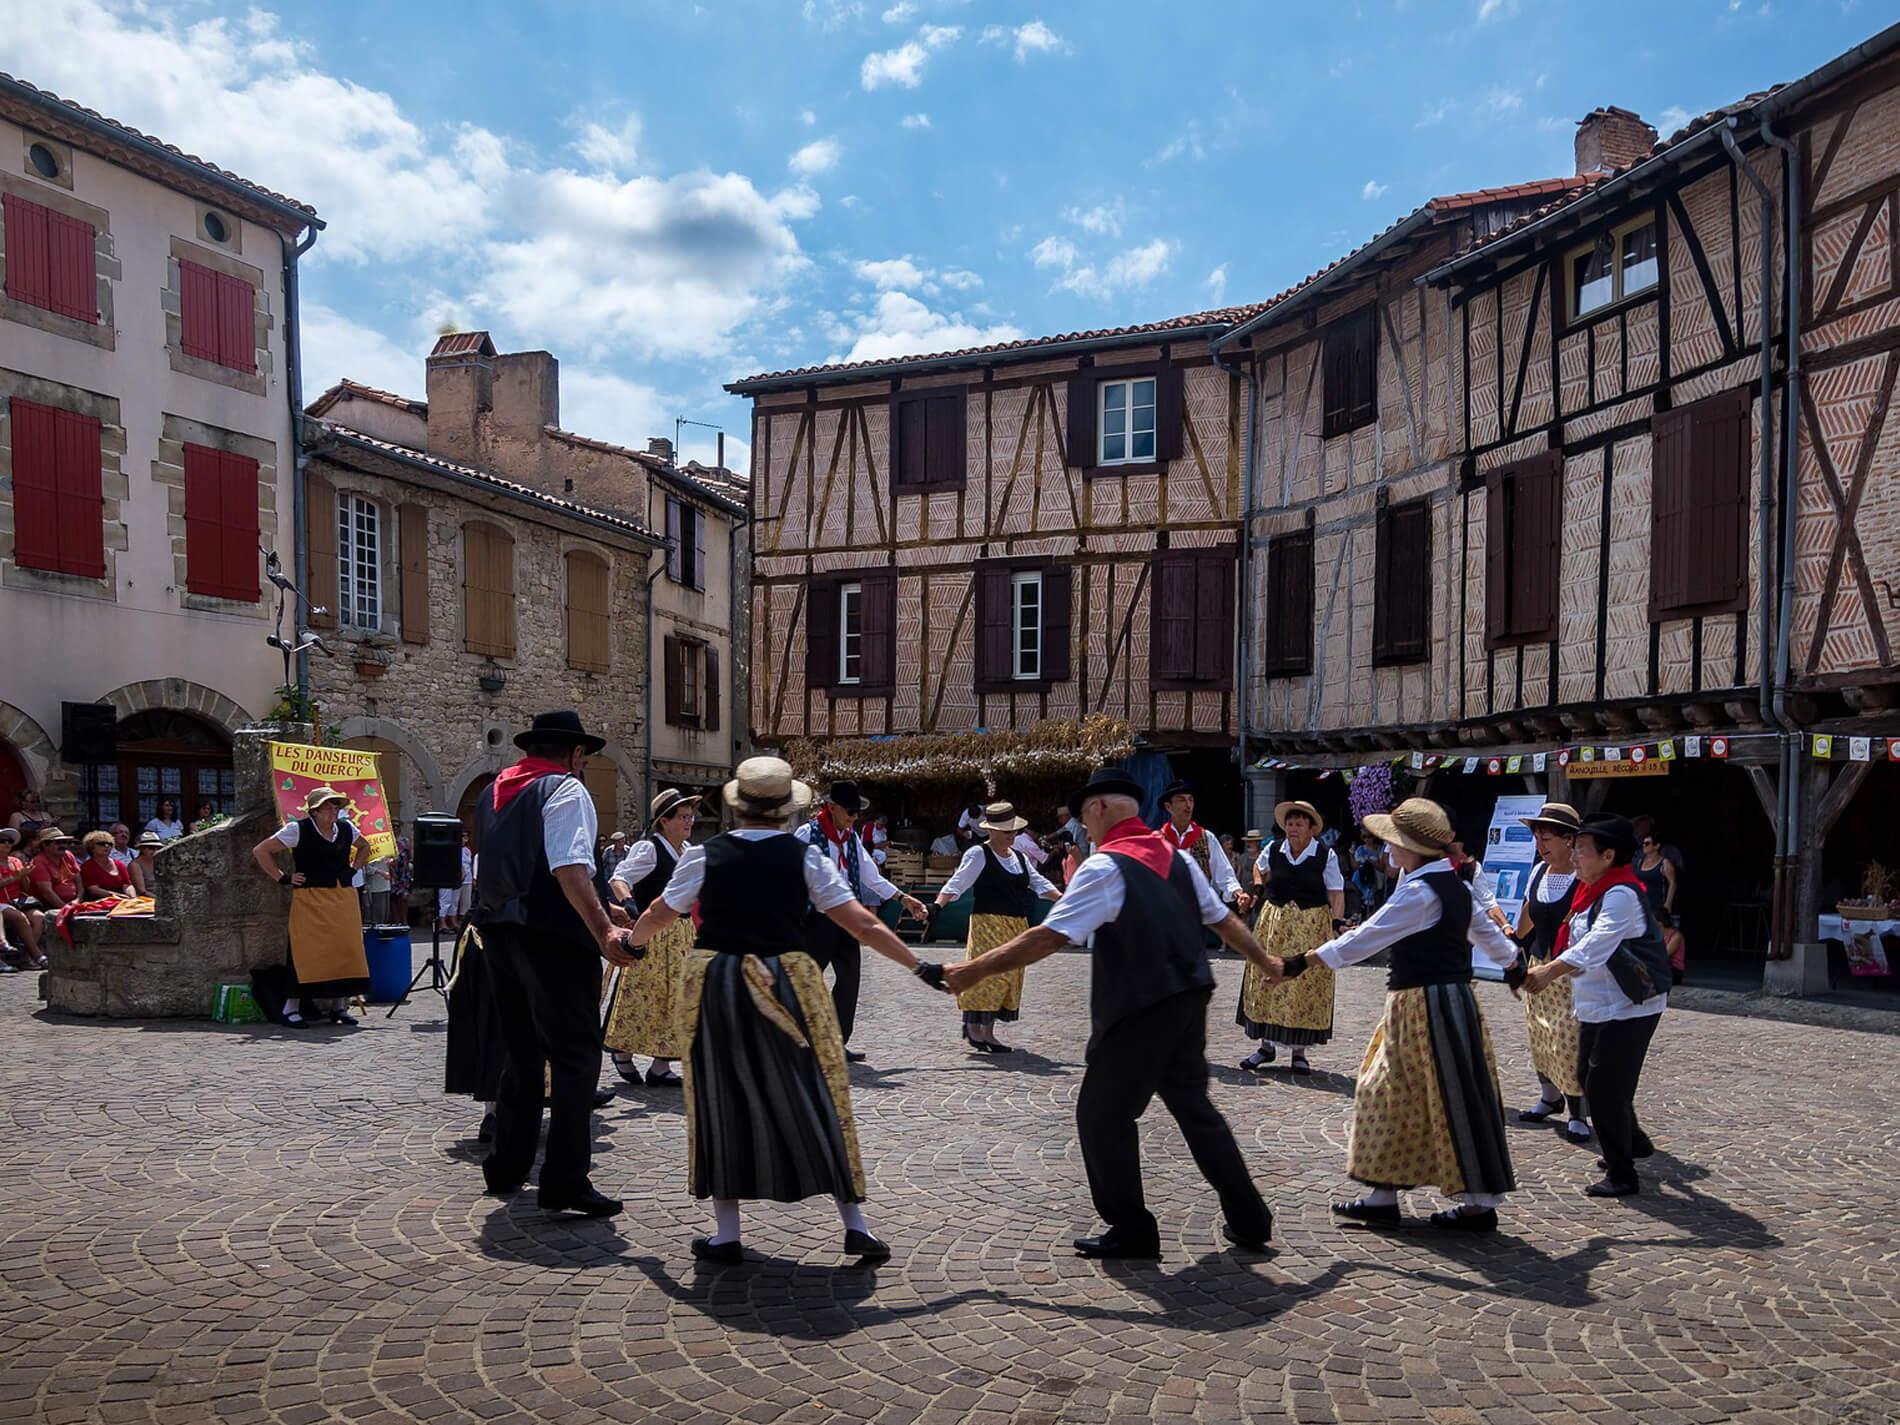 Fête de l'ail à Lautrec dans le Tarn en Occitanie